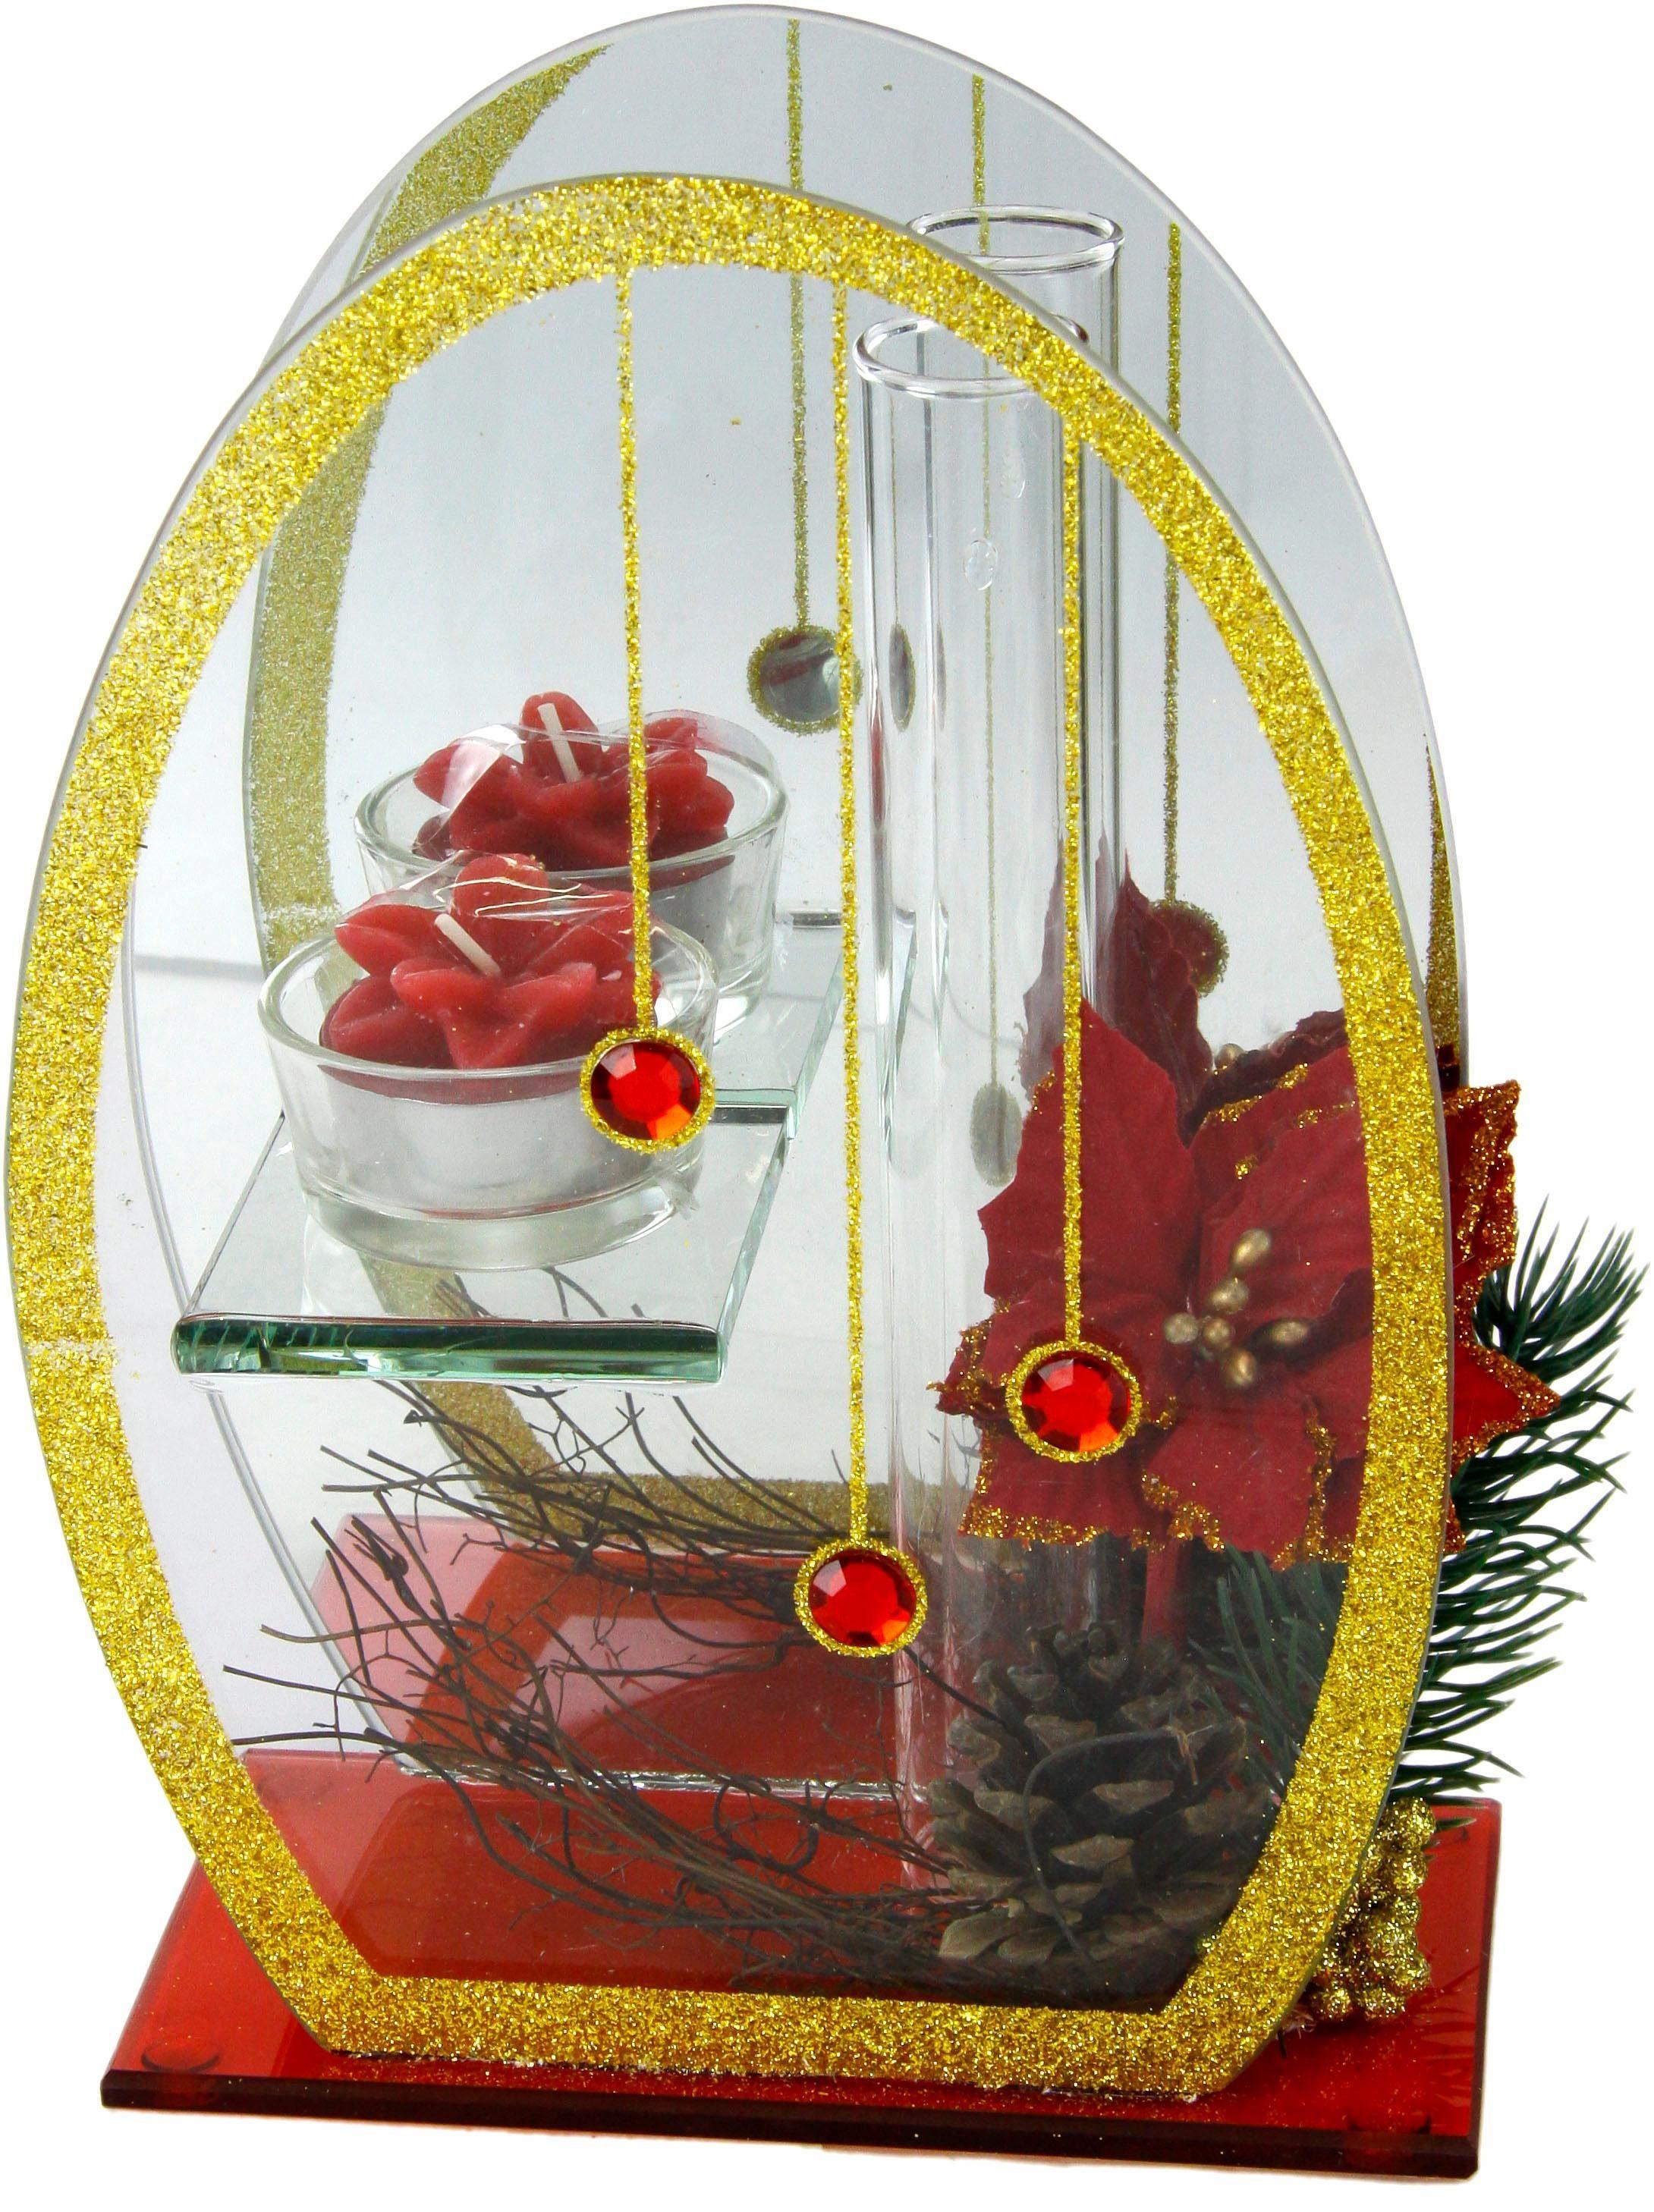 Home affaire Teelichthalter mit Spiegel